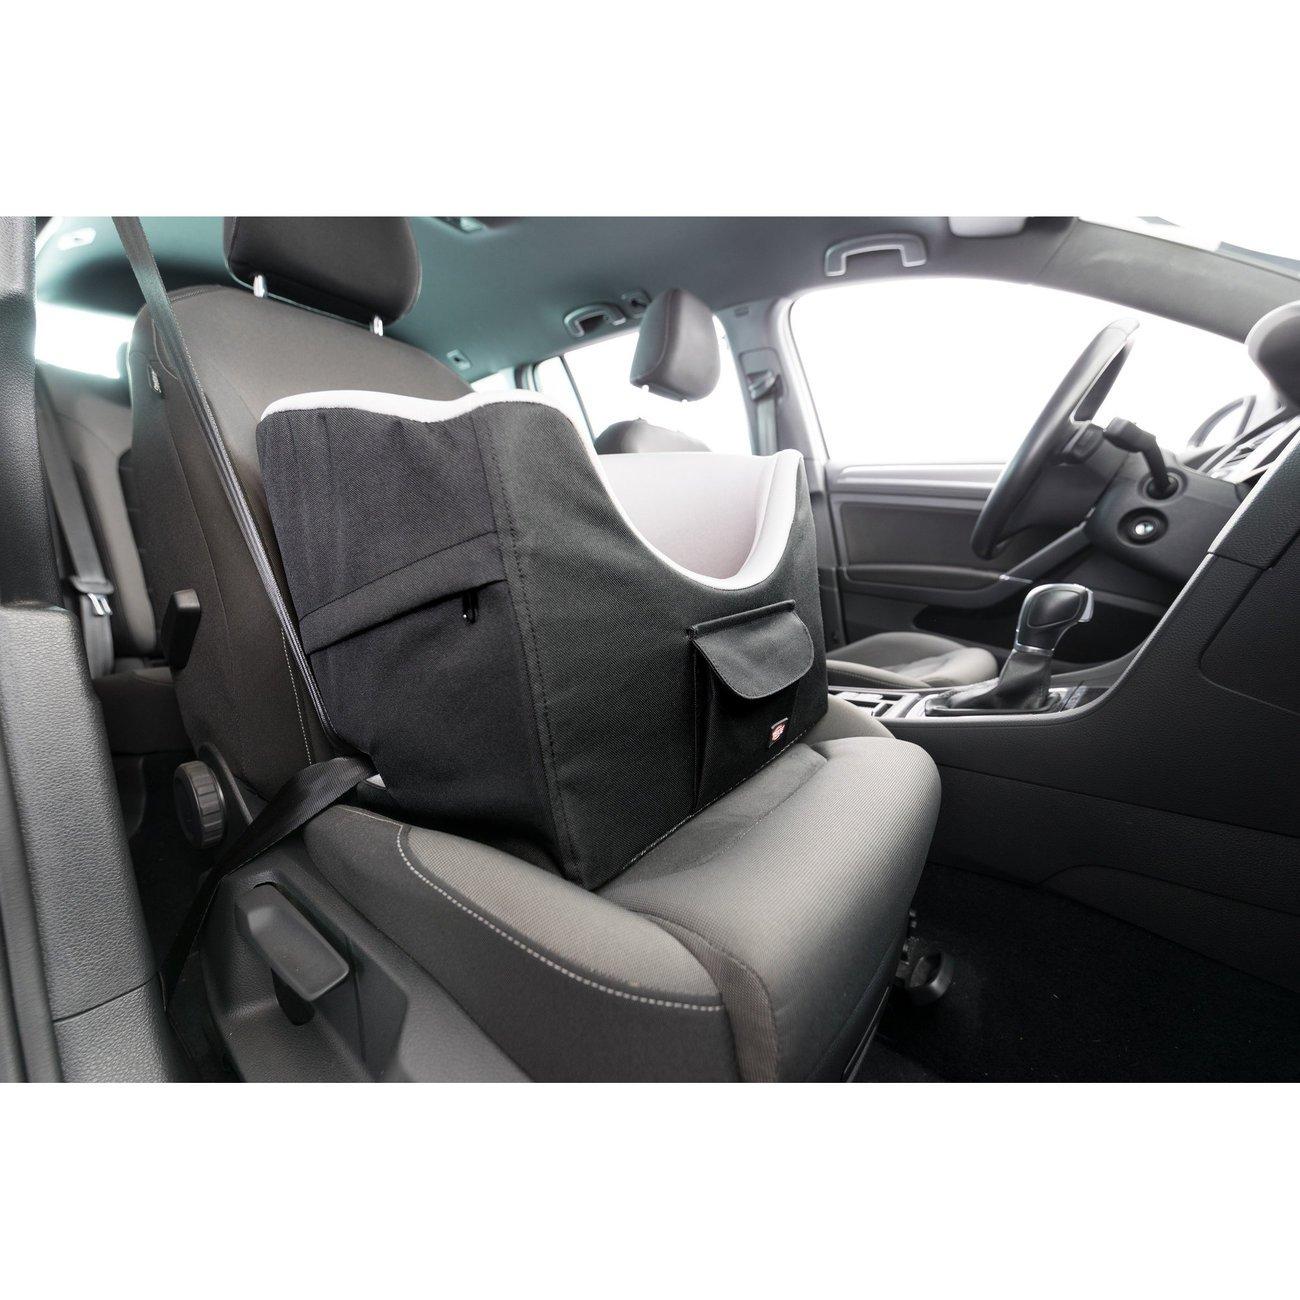 TRIXIE Autositz für kleine Hunde bis 8 kg 13176, Bild 13